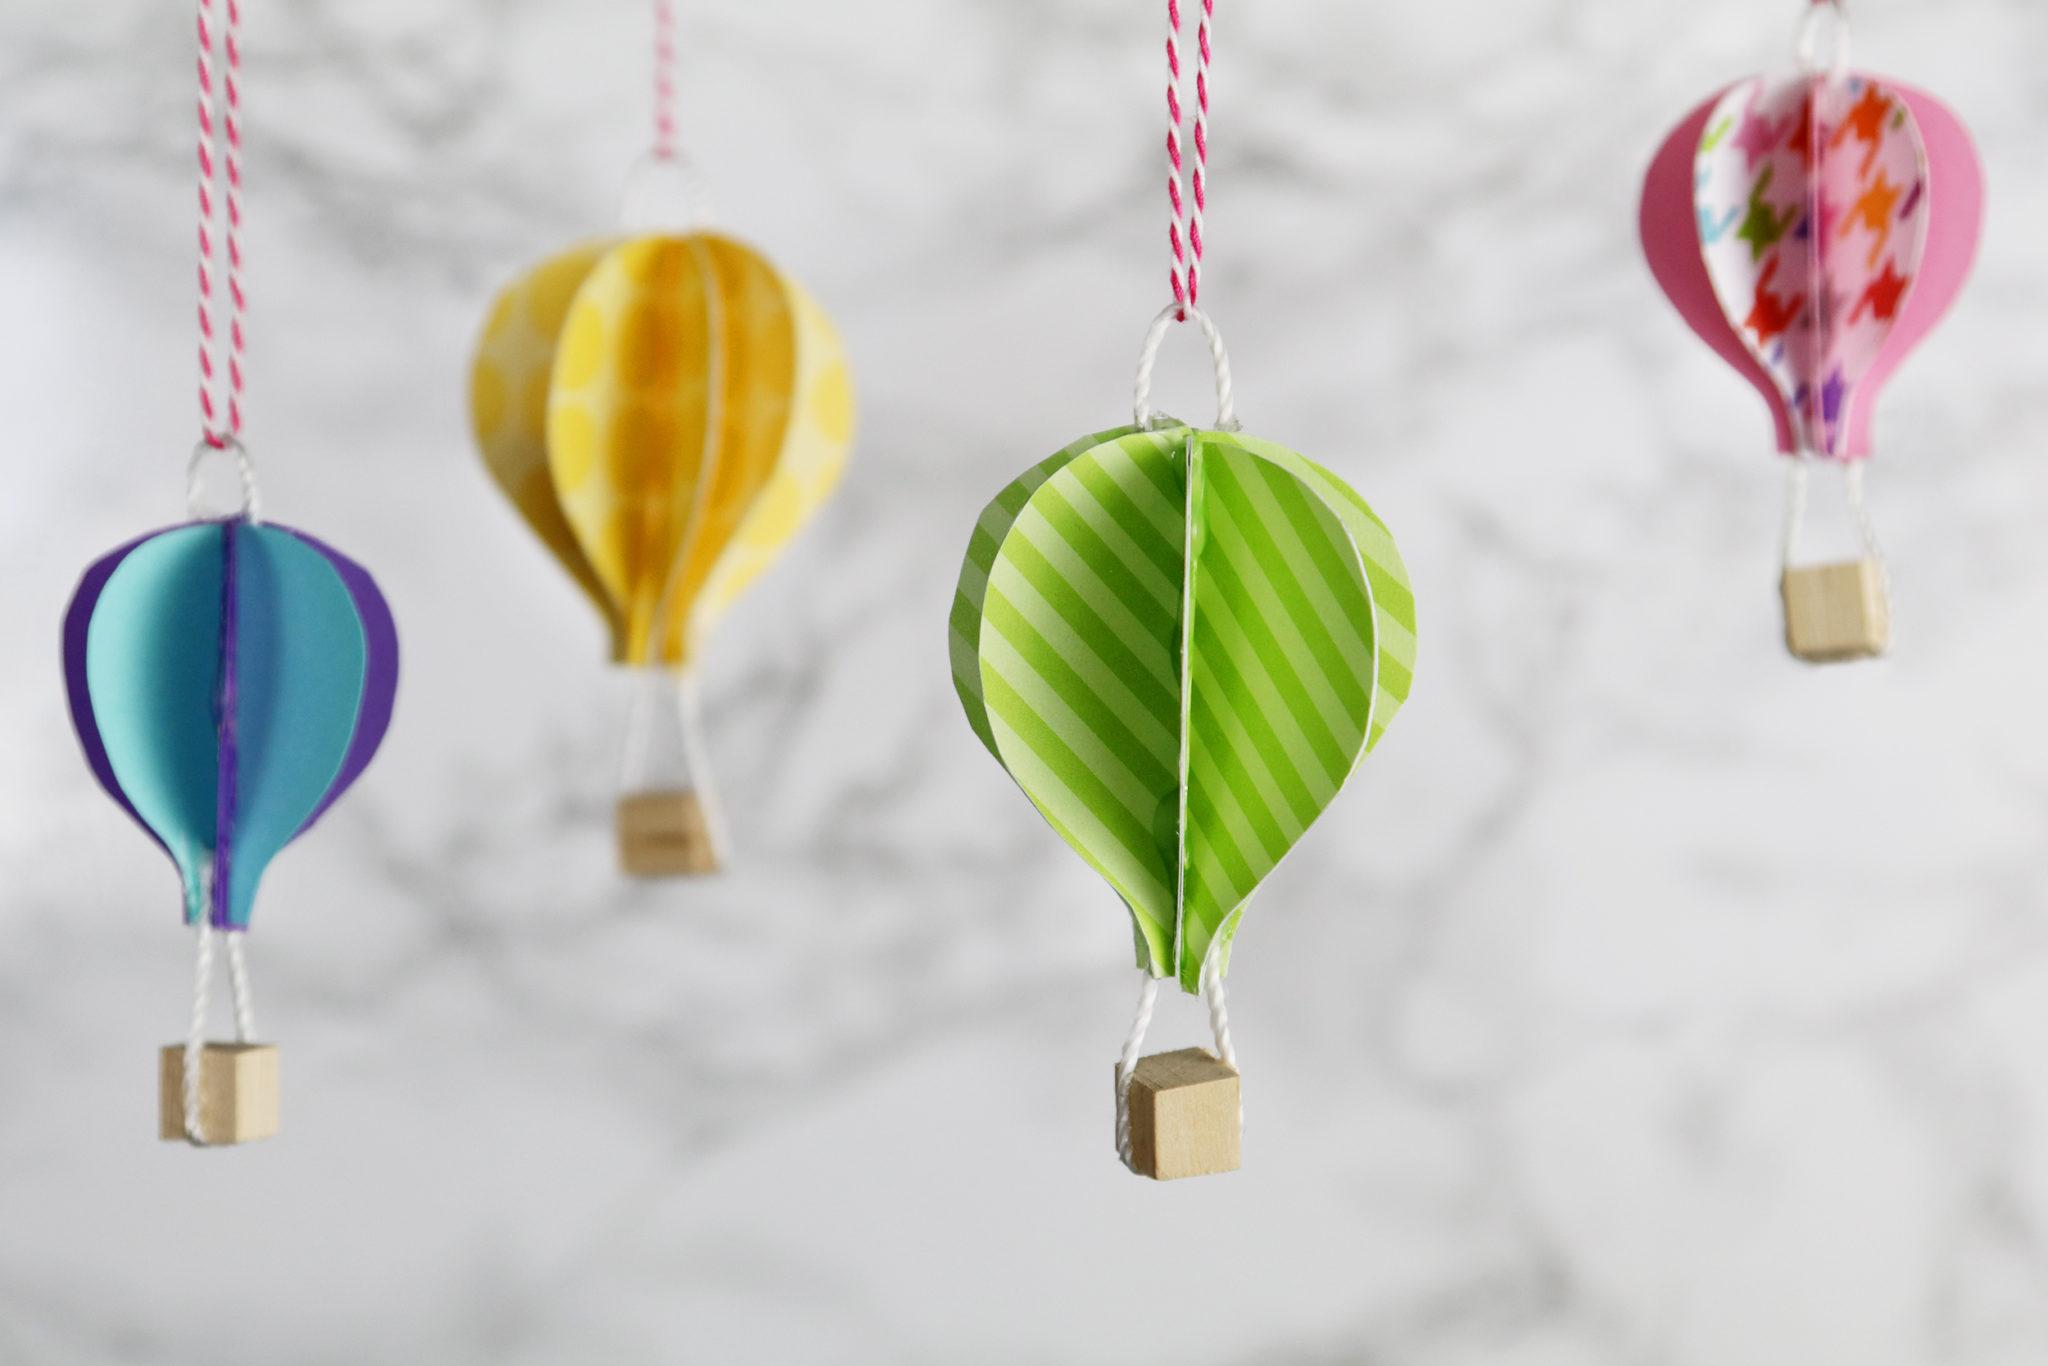 DIY Cute Paper Hot Air Balloons - Karen Kavett